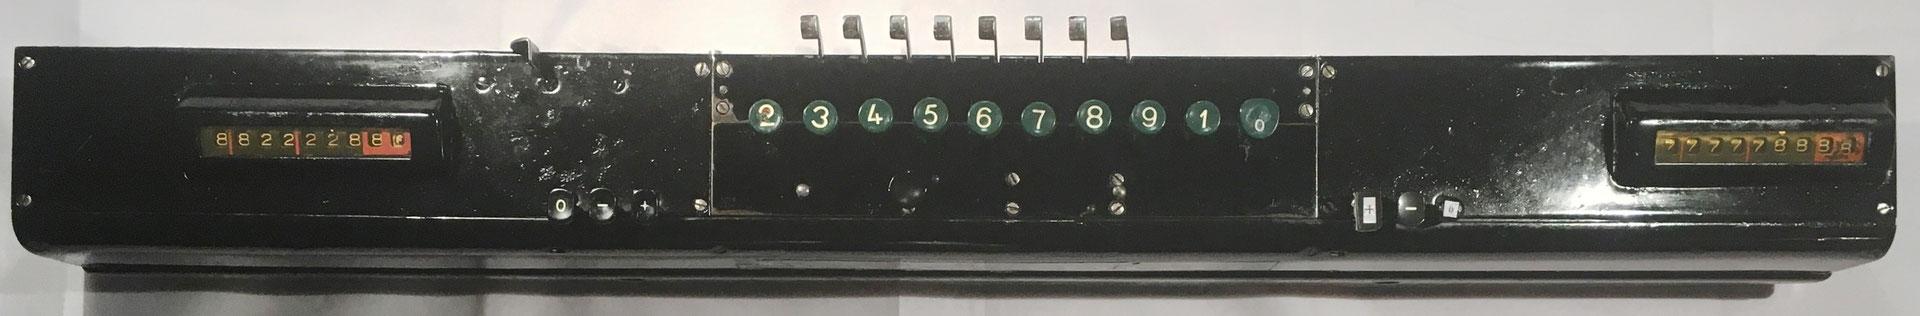 Vista superior de la calculadora SALDOMAT, los totalizadores operan de forma independiente mediante las tres teclas 0, -, +